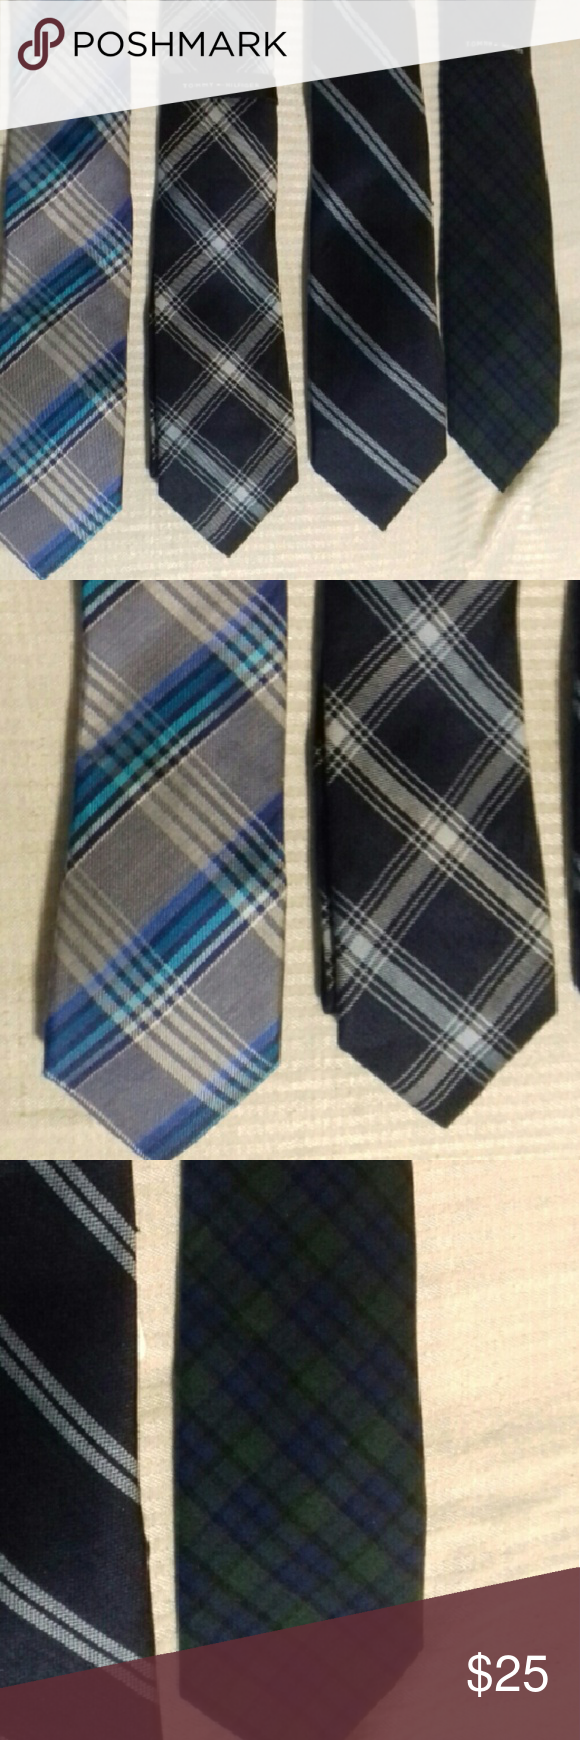 Tie Men's tie by Tommy Hilfiger Tommy Hilfiger Accessories